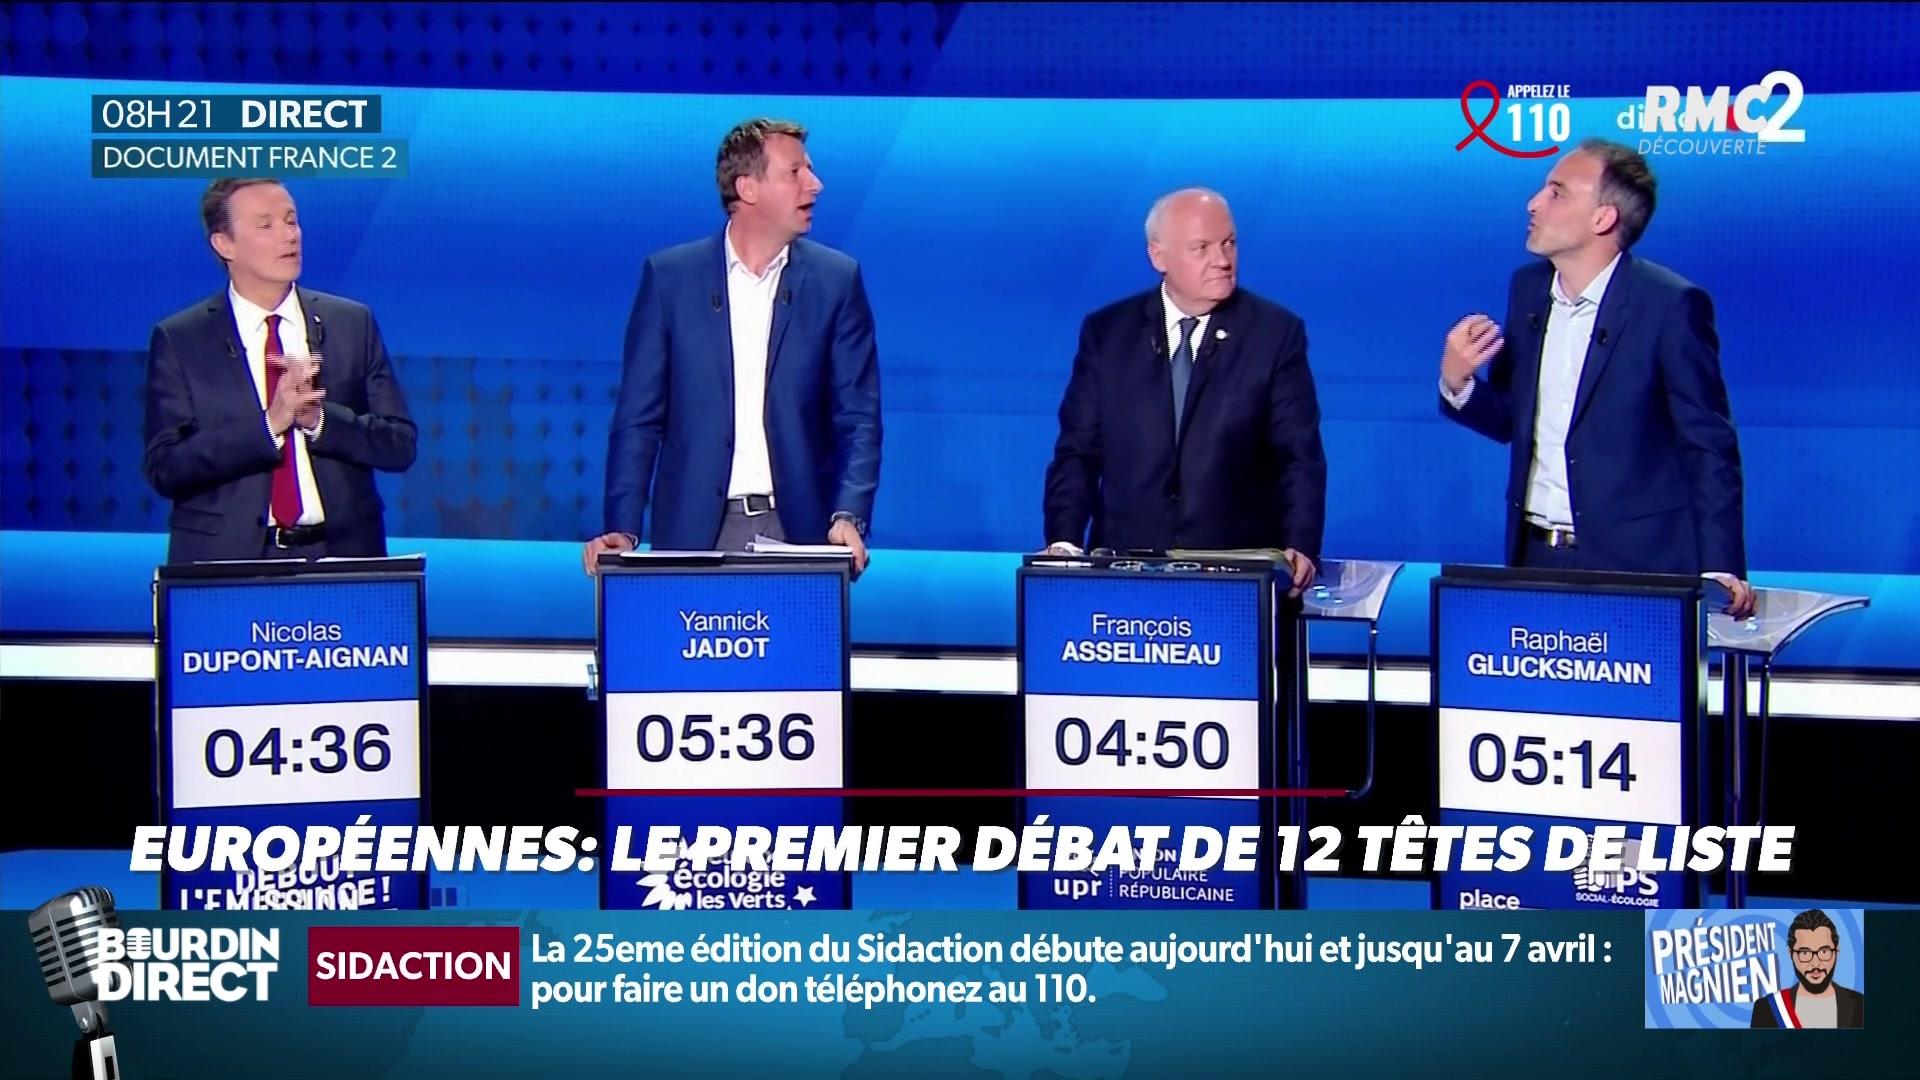 Européennes : Ce qu'il faut retenir du premier débat des têtes de liste